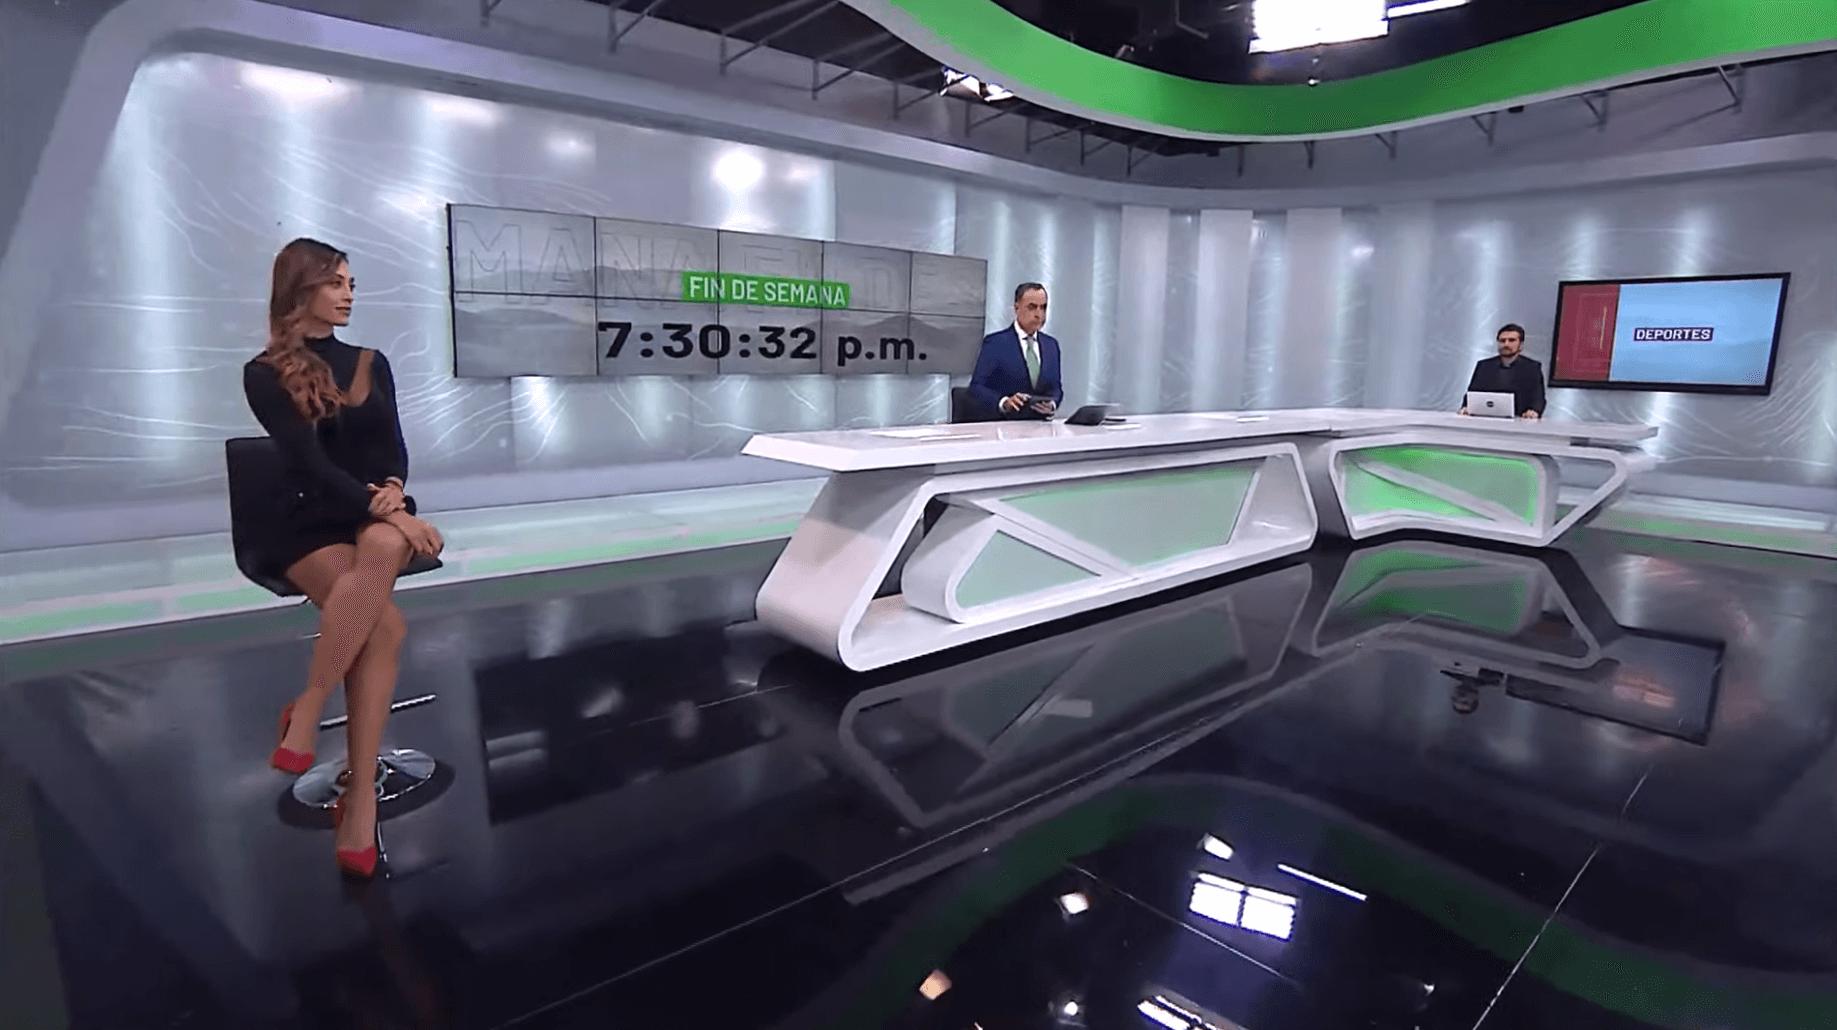 Teleantioquia Noticias - domingo 02 de mayo de 2021 noche